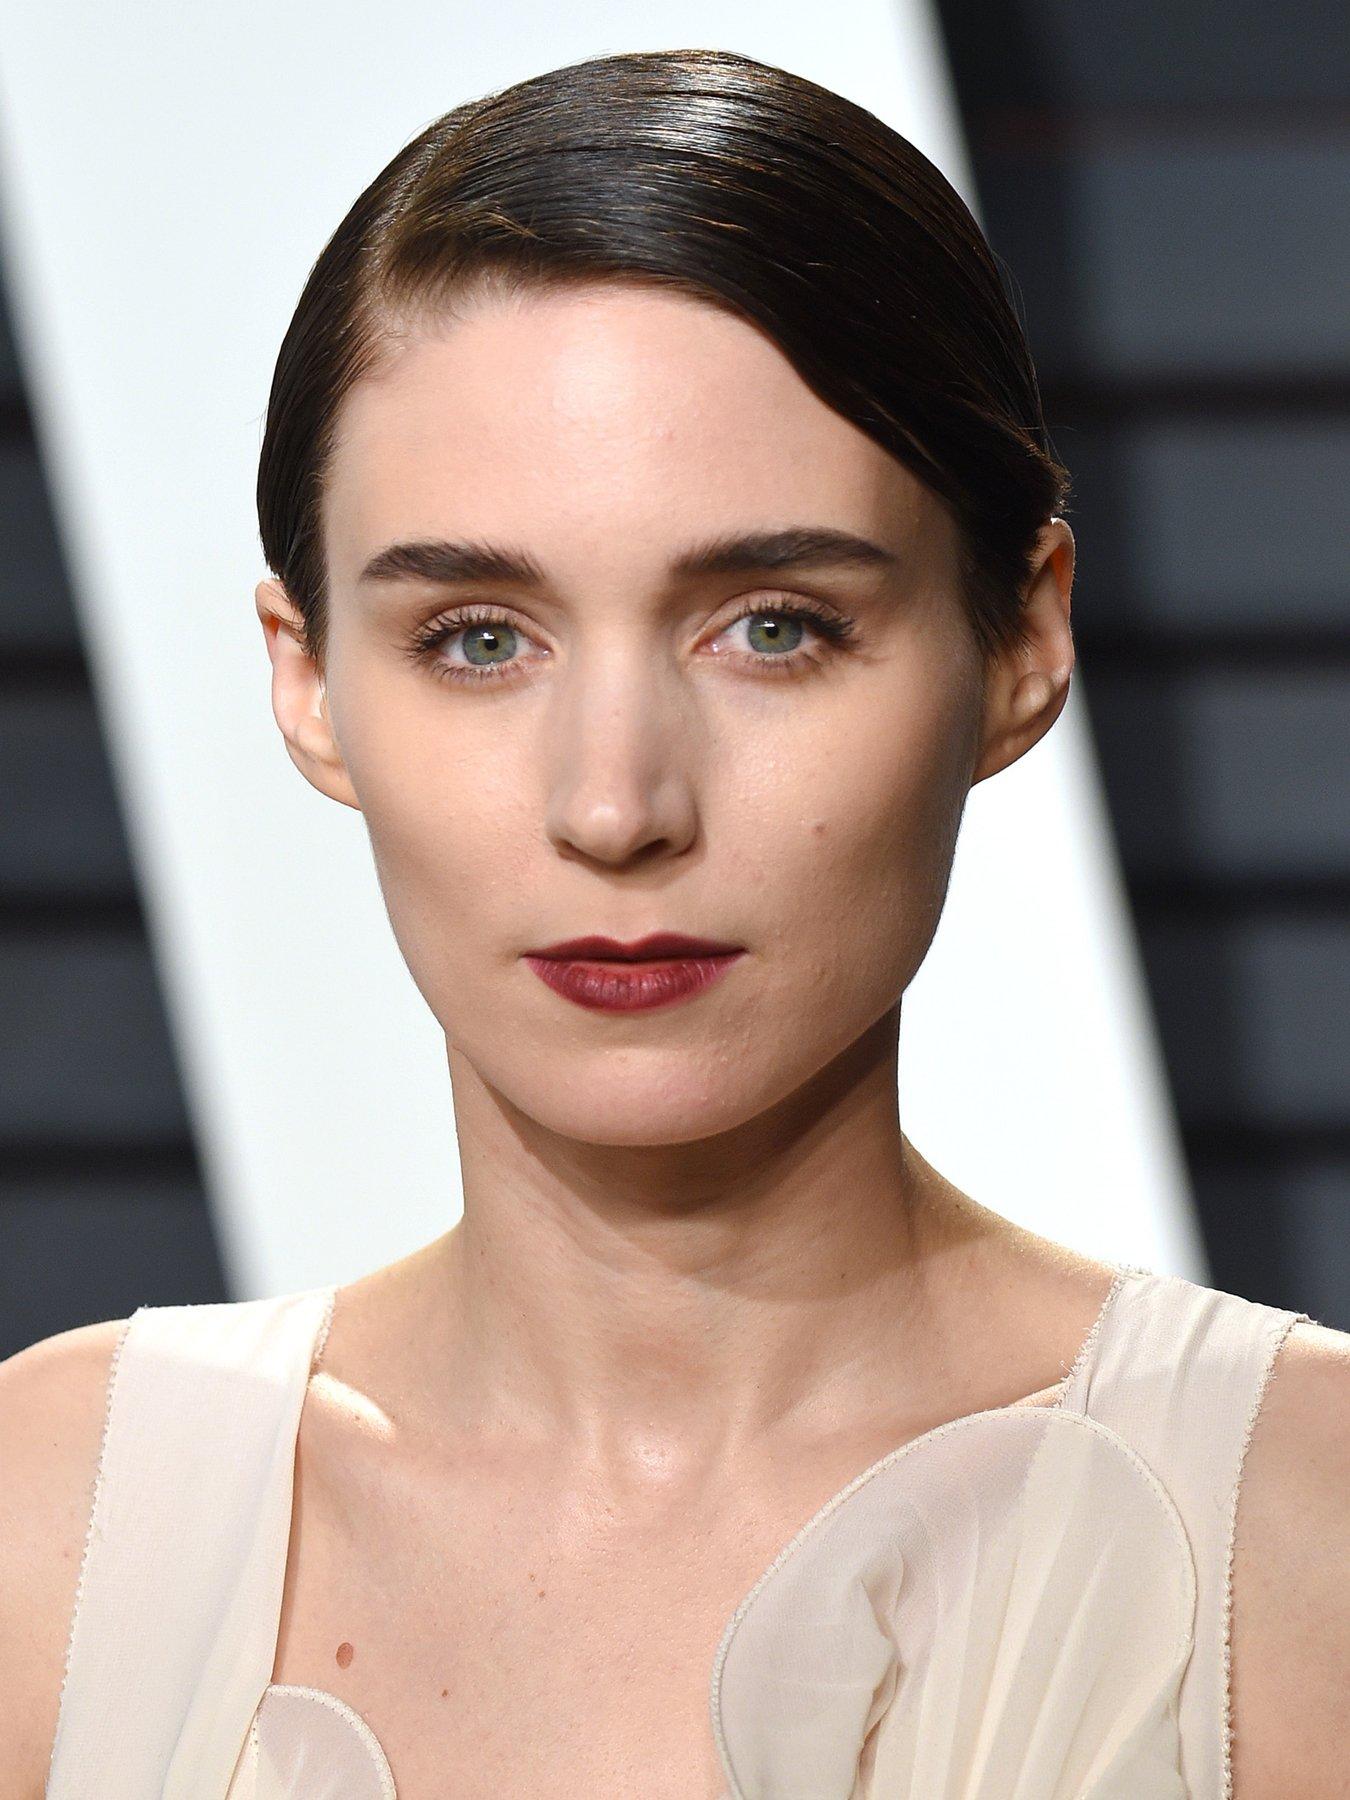 American Actress Rooney Mara Wiki, Bio, Age, Height ...  |Rooney Mara